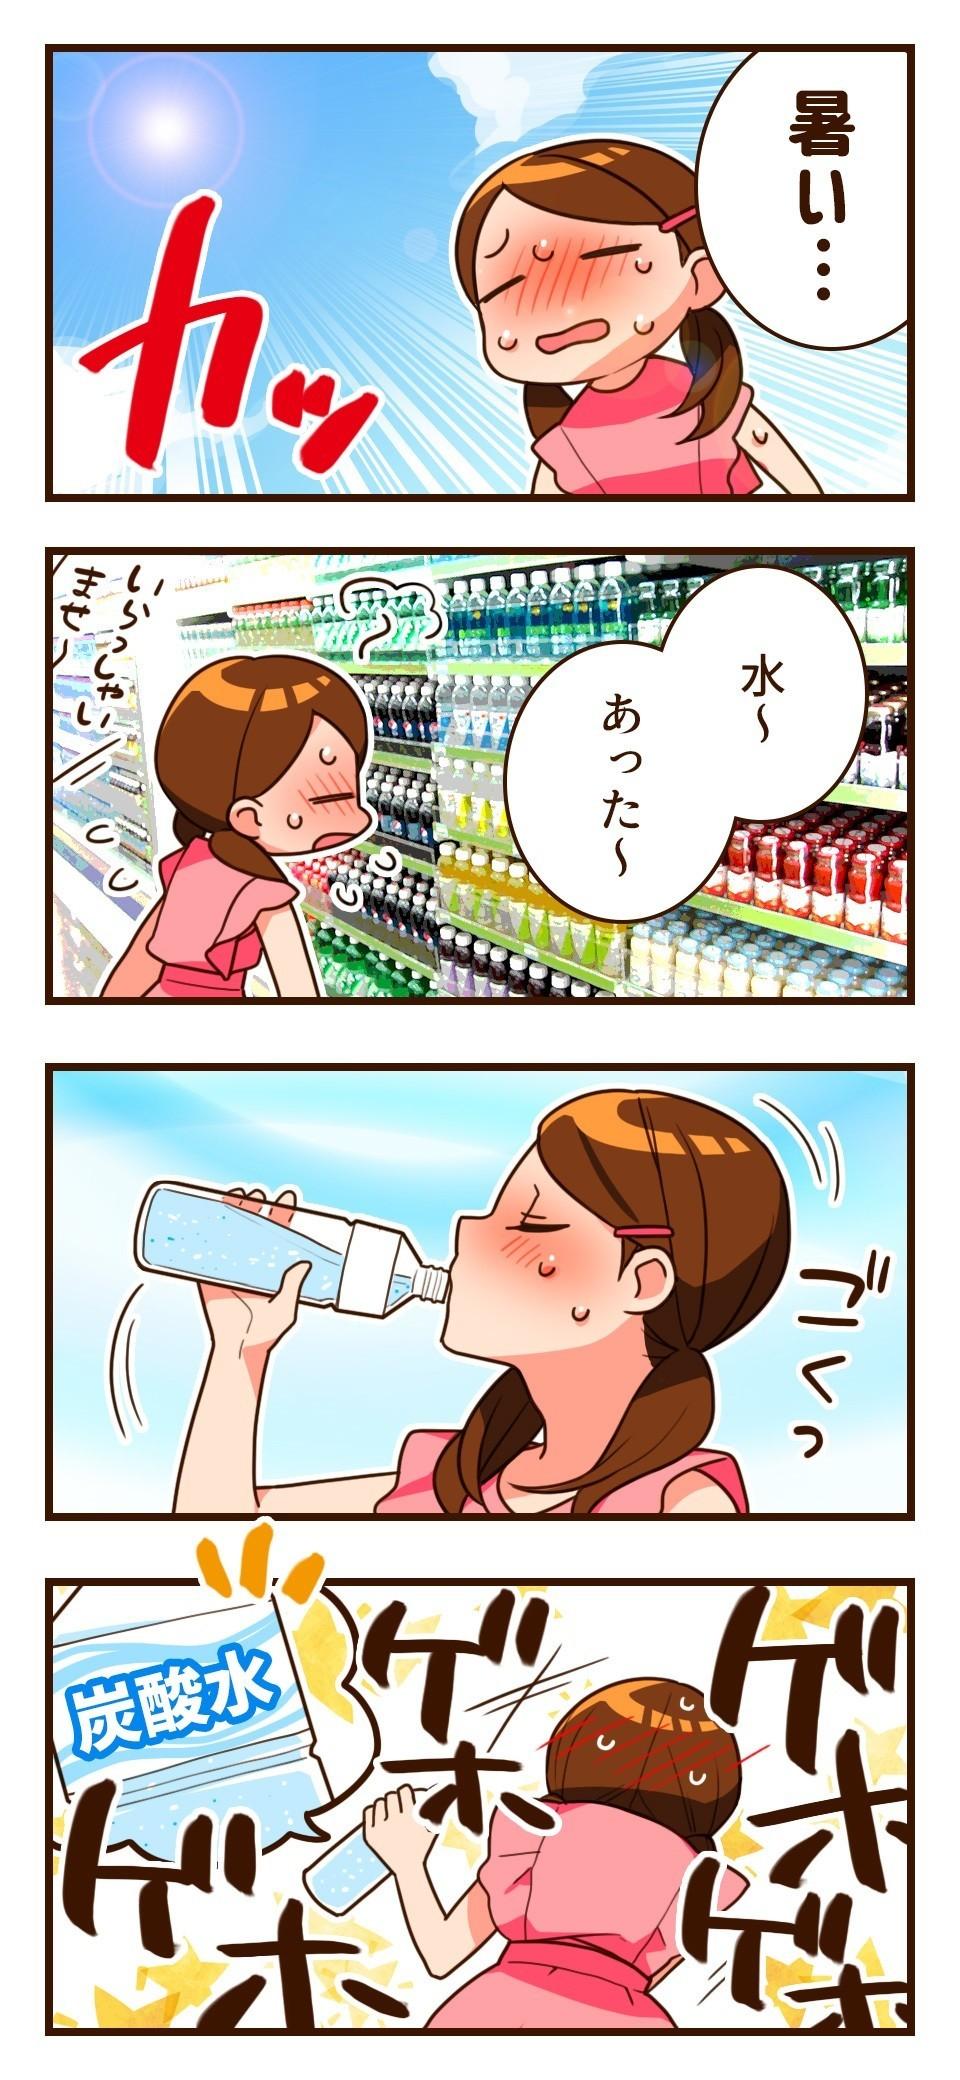 水と言うか、特にあっつい日に無性に炭酸ジュースを飲みたくなります(*´▽`*) 暑くてすぐにでも飲みたくなり、特に確認もせずに買って飲んでしまい、思わずゴフッと(*´Д`) 健康のためにはこちらの方が良いですが、、良いのだけど、、、辛いです((+_+))